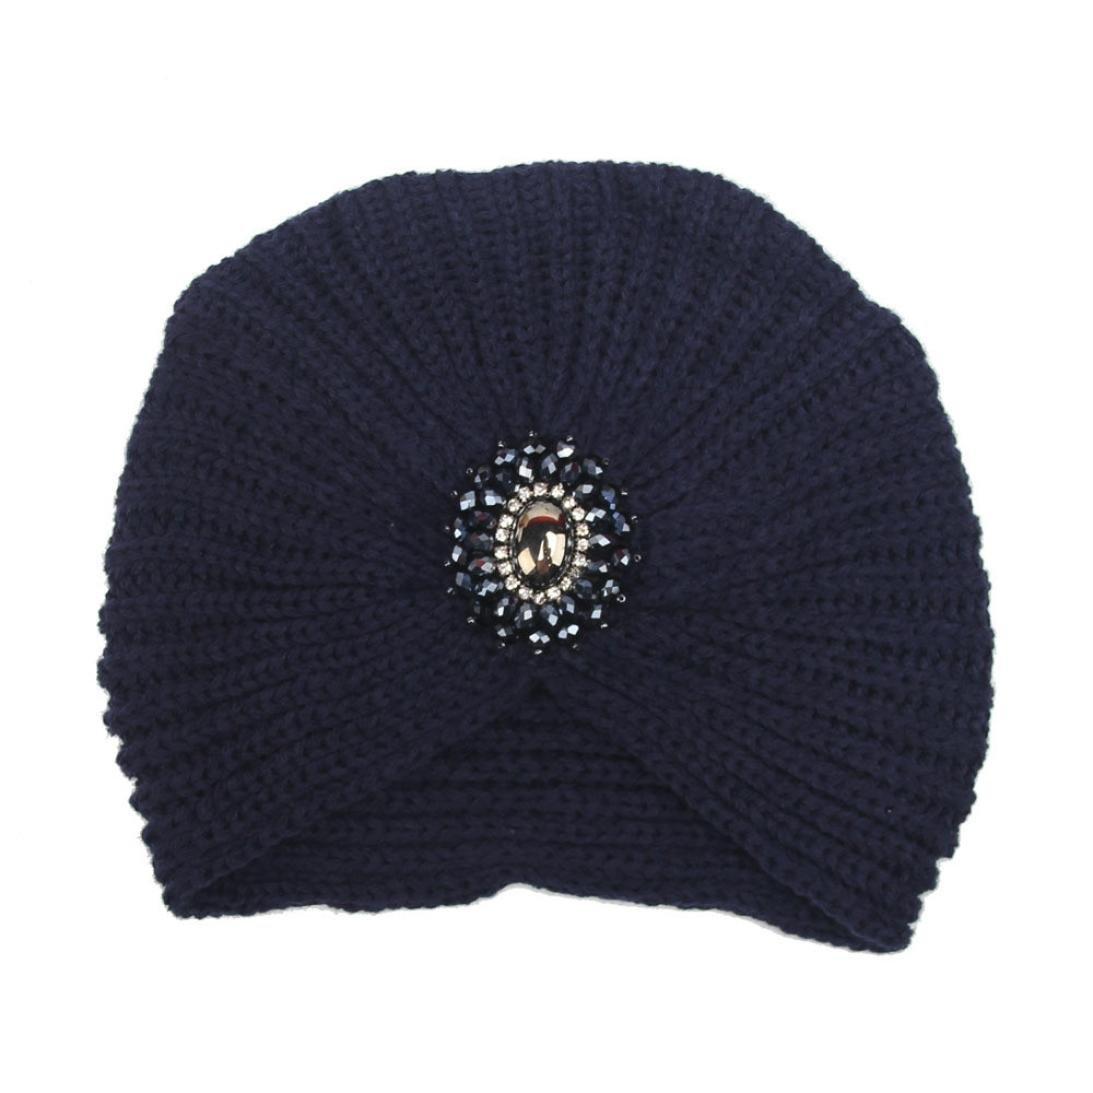 Omiky® Damen Winter warme stricken häkeln Ski Hut geflochten Turban Kopfschmuck Cap